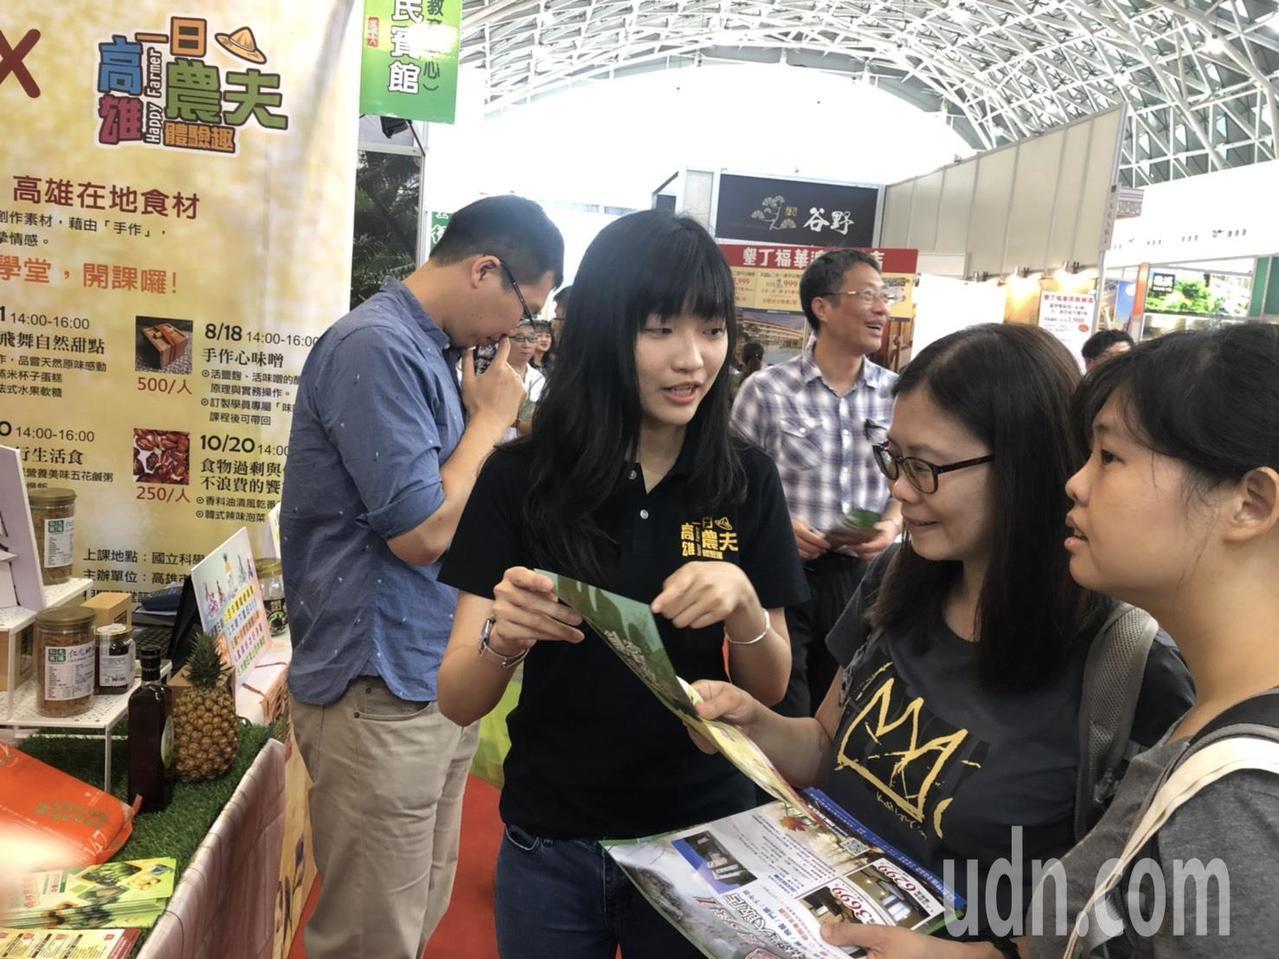 高雄展覽館舉辦的高雄旅展,高雄市農業局也不缺席,推出多場「一日農夫」體驗活動行程...